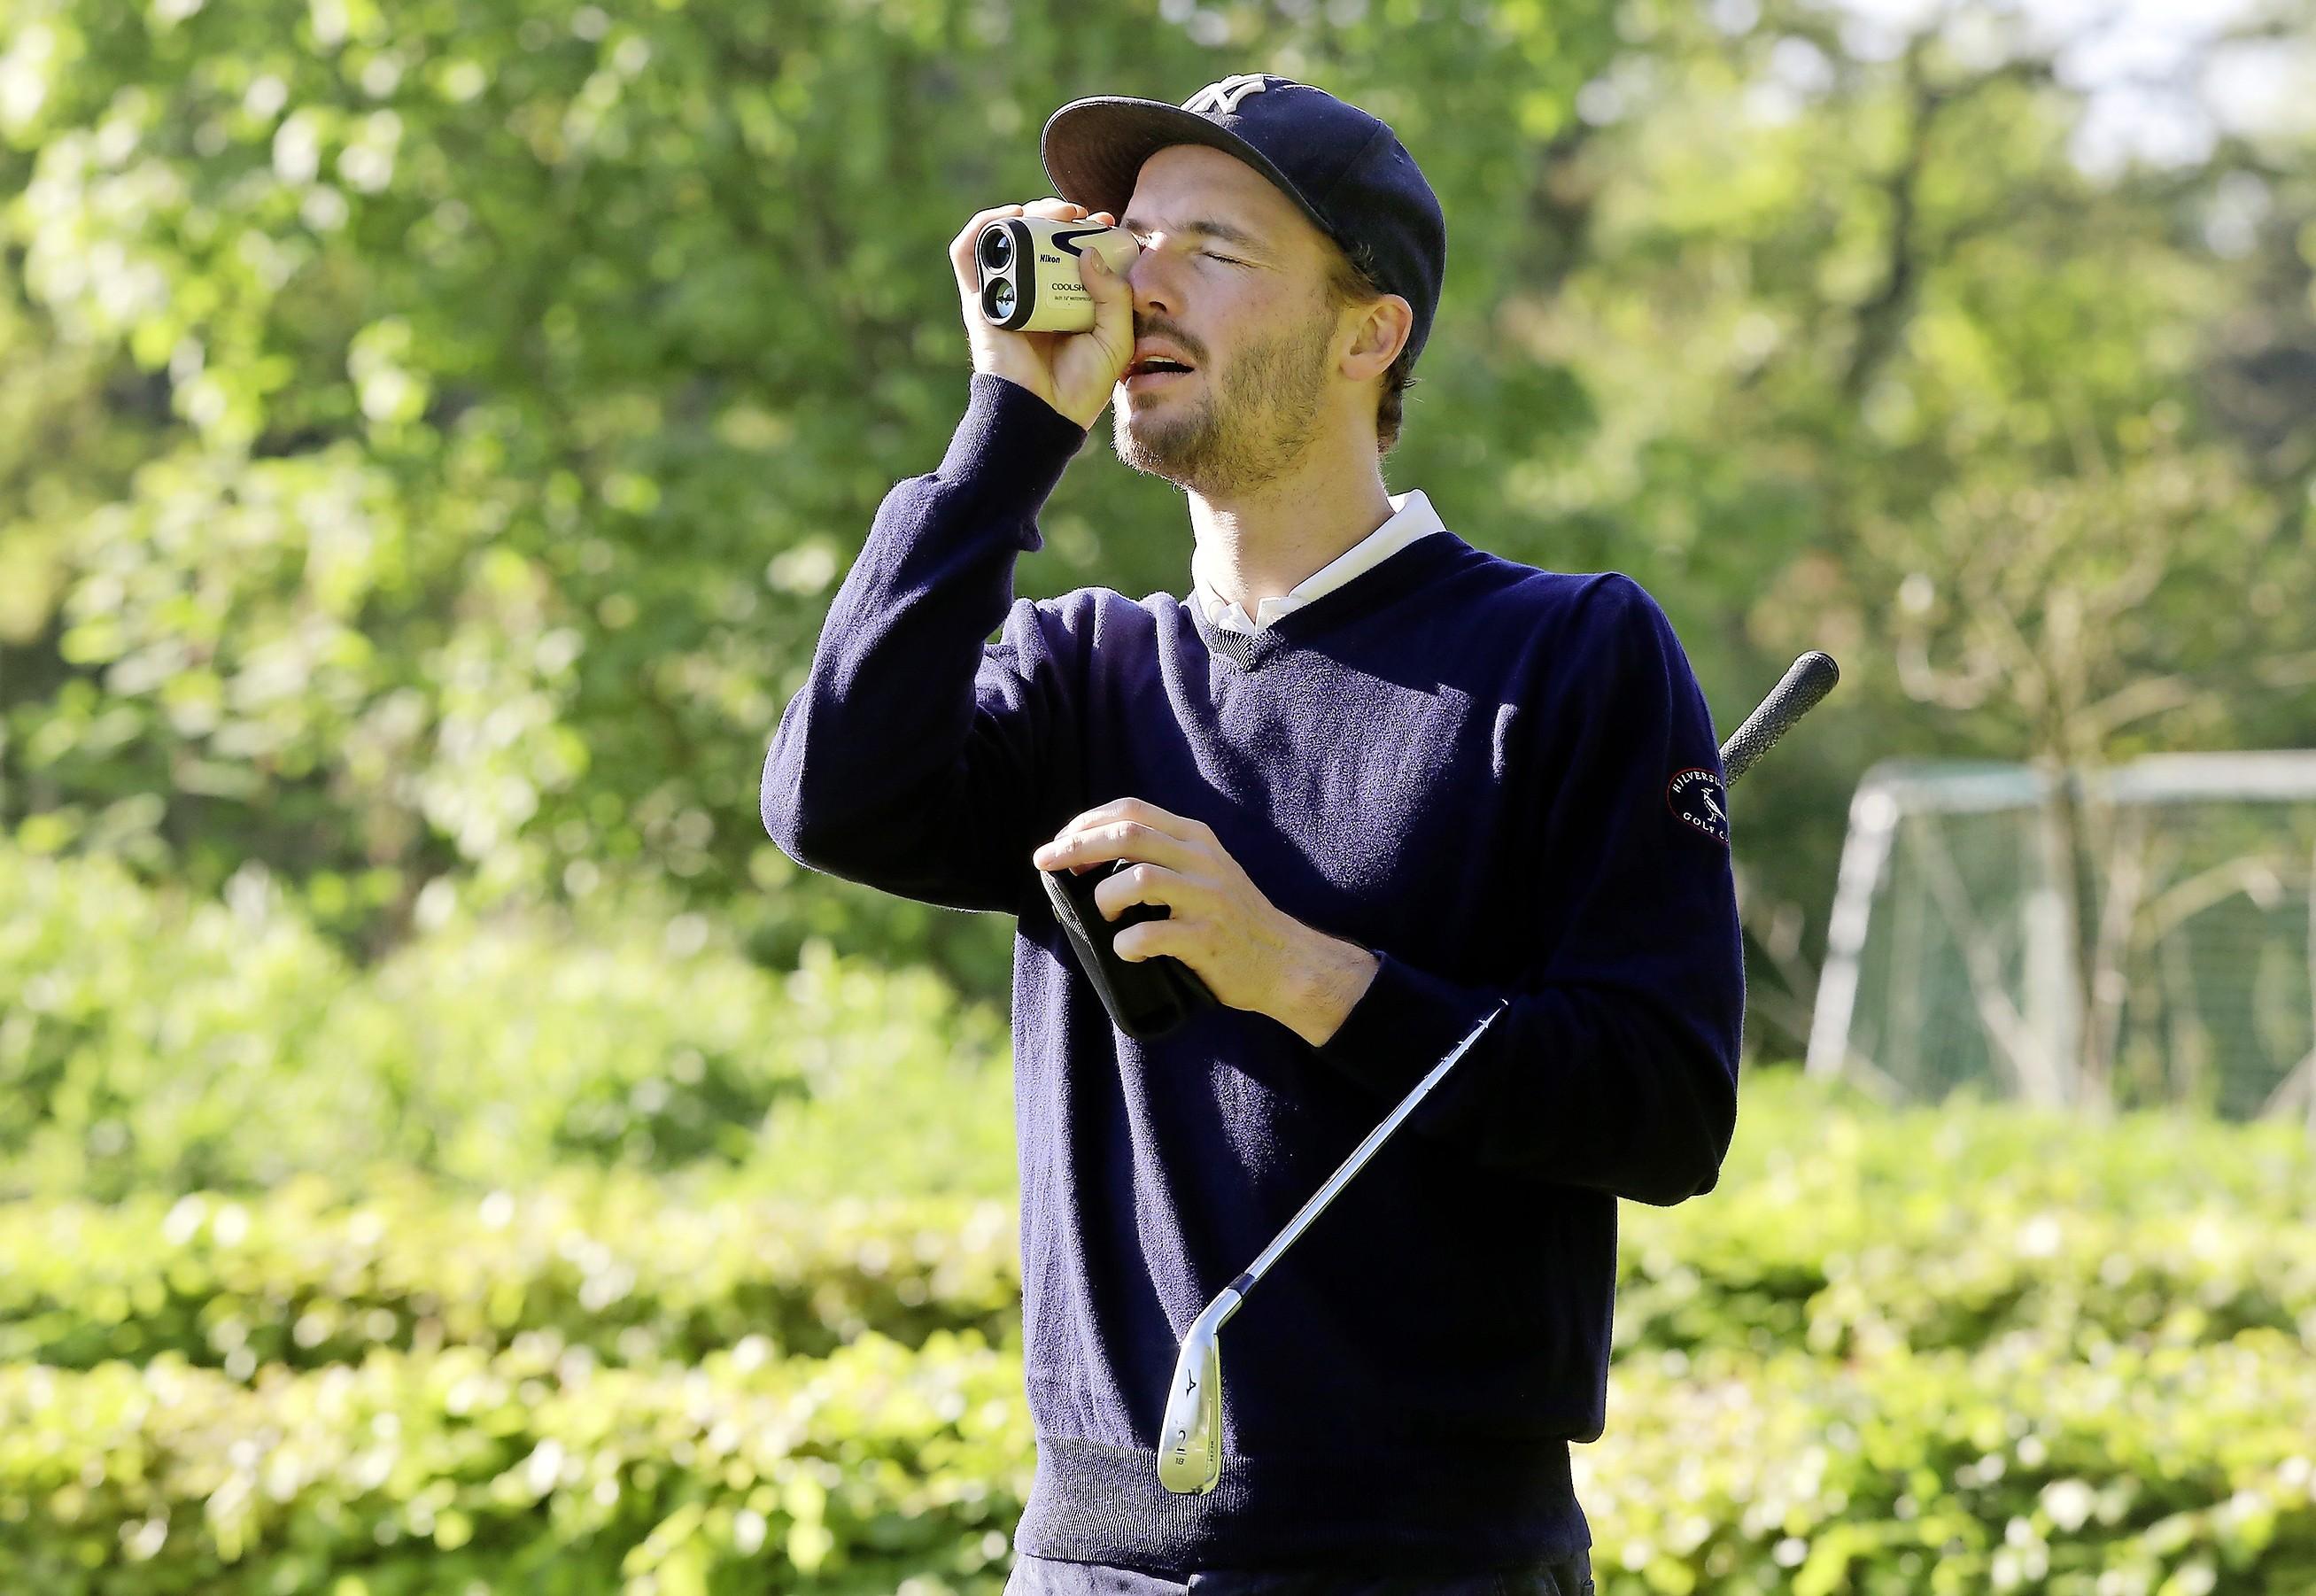 Goois golfjaar eindigt in dubbele mineur